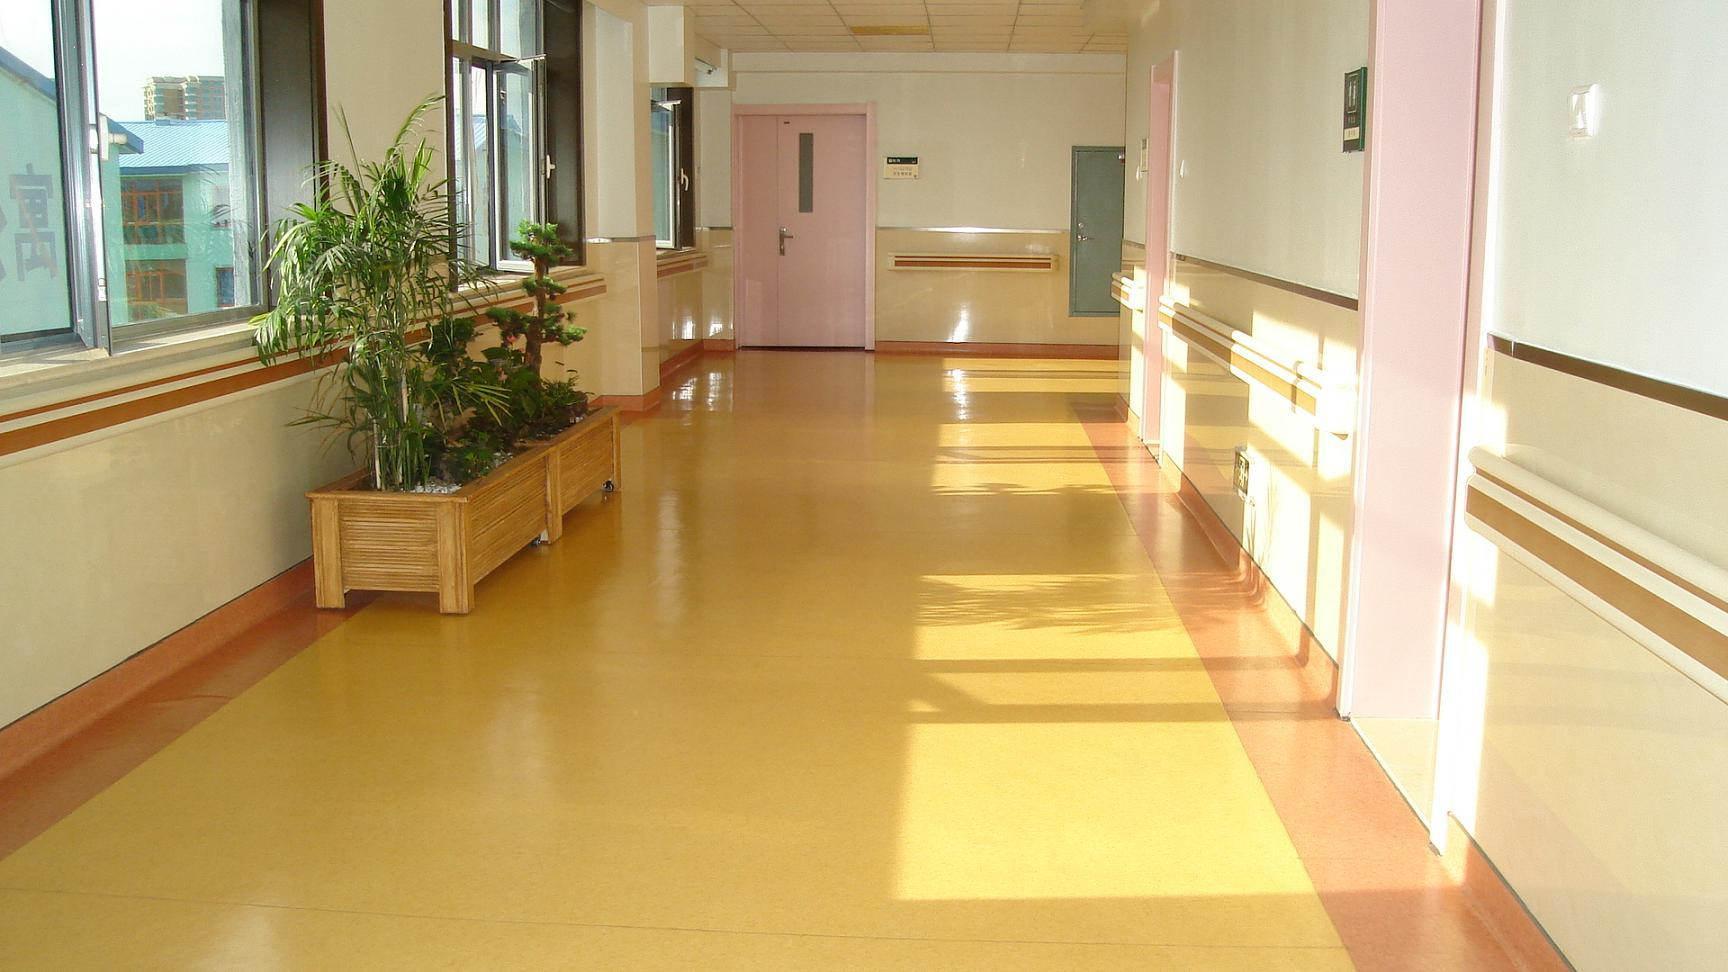 成都幼儿园塑胶地板常见的板材有哪些?